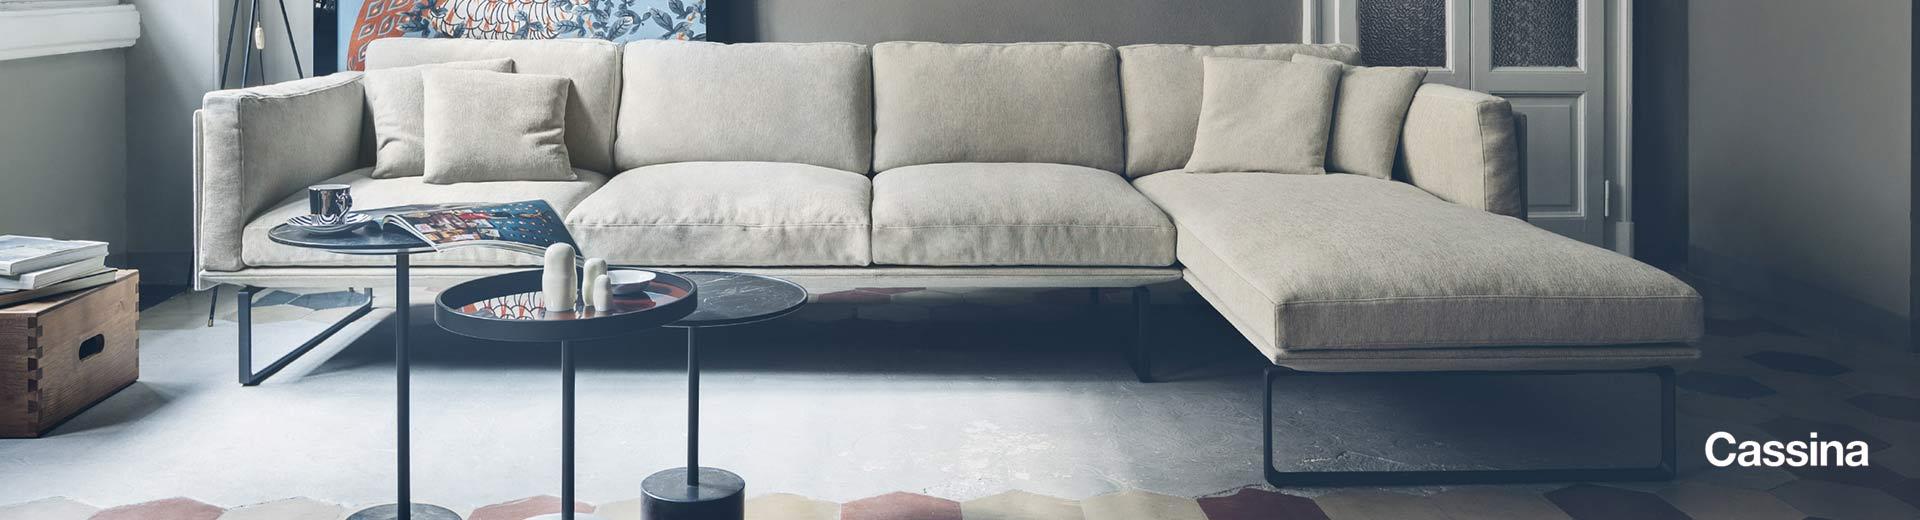 Design-Klassiker der Cassina Möbelkollektion: Stühle, Tische, Sessel und Regale von Cassina